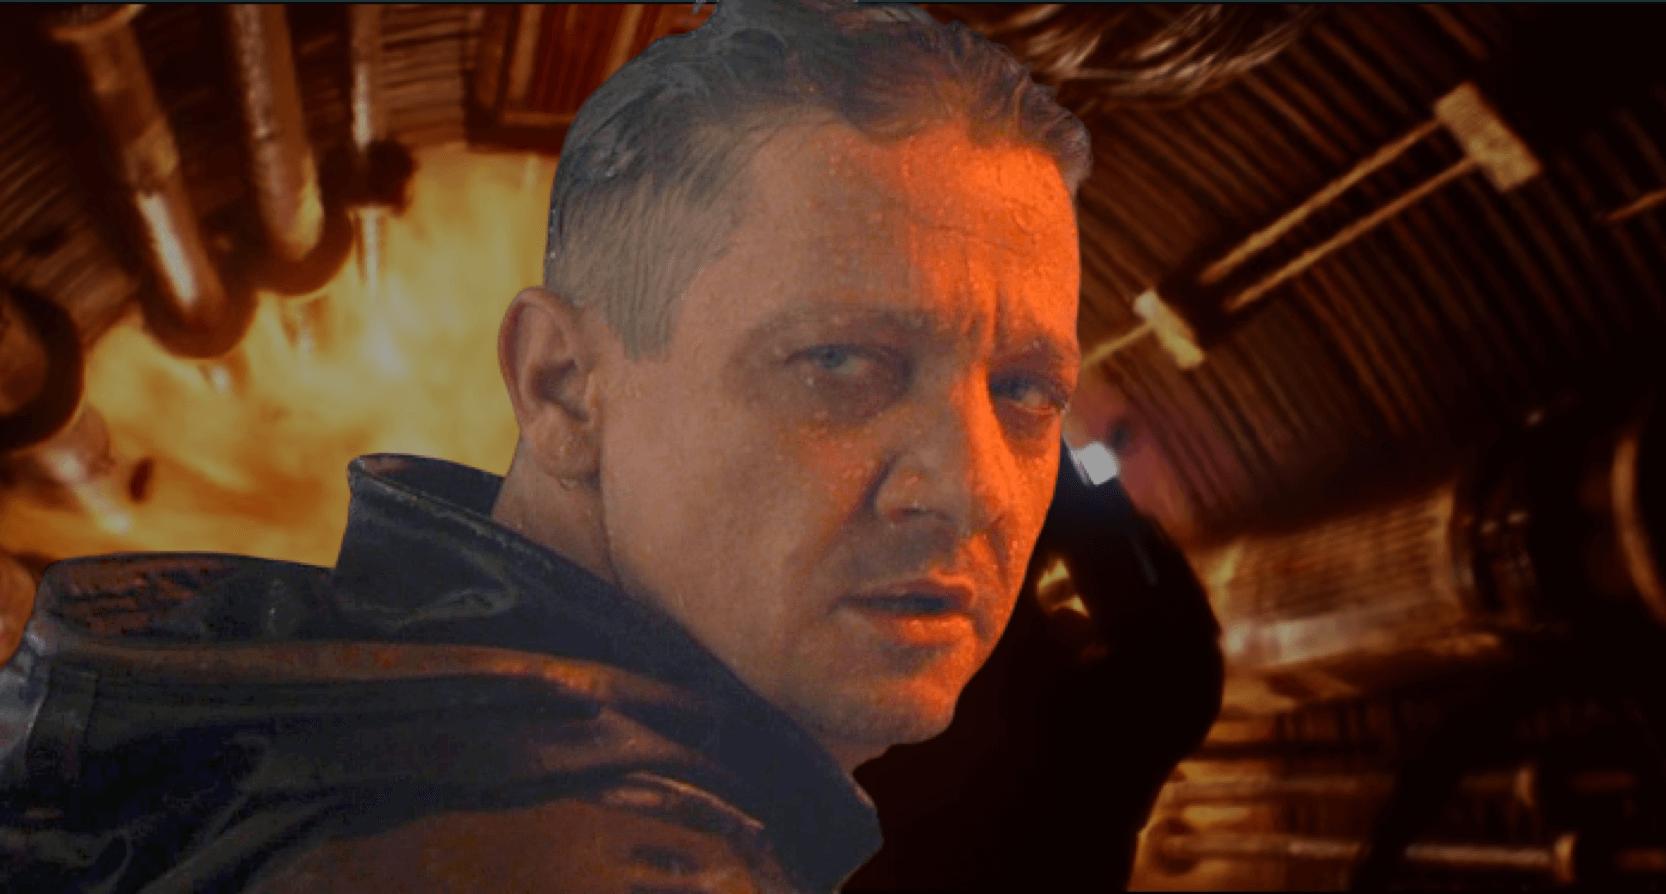 漫威《復仇者聯盟:終局之戰》劇情保密到家   眼尖網友發現預告裡鷹眼畫面有「隱藏角色」首圖